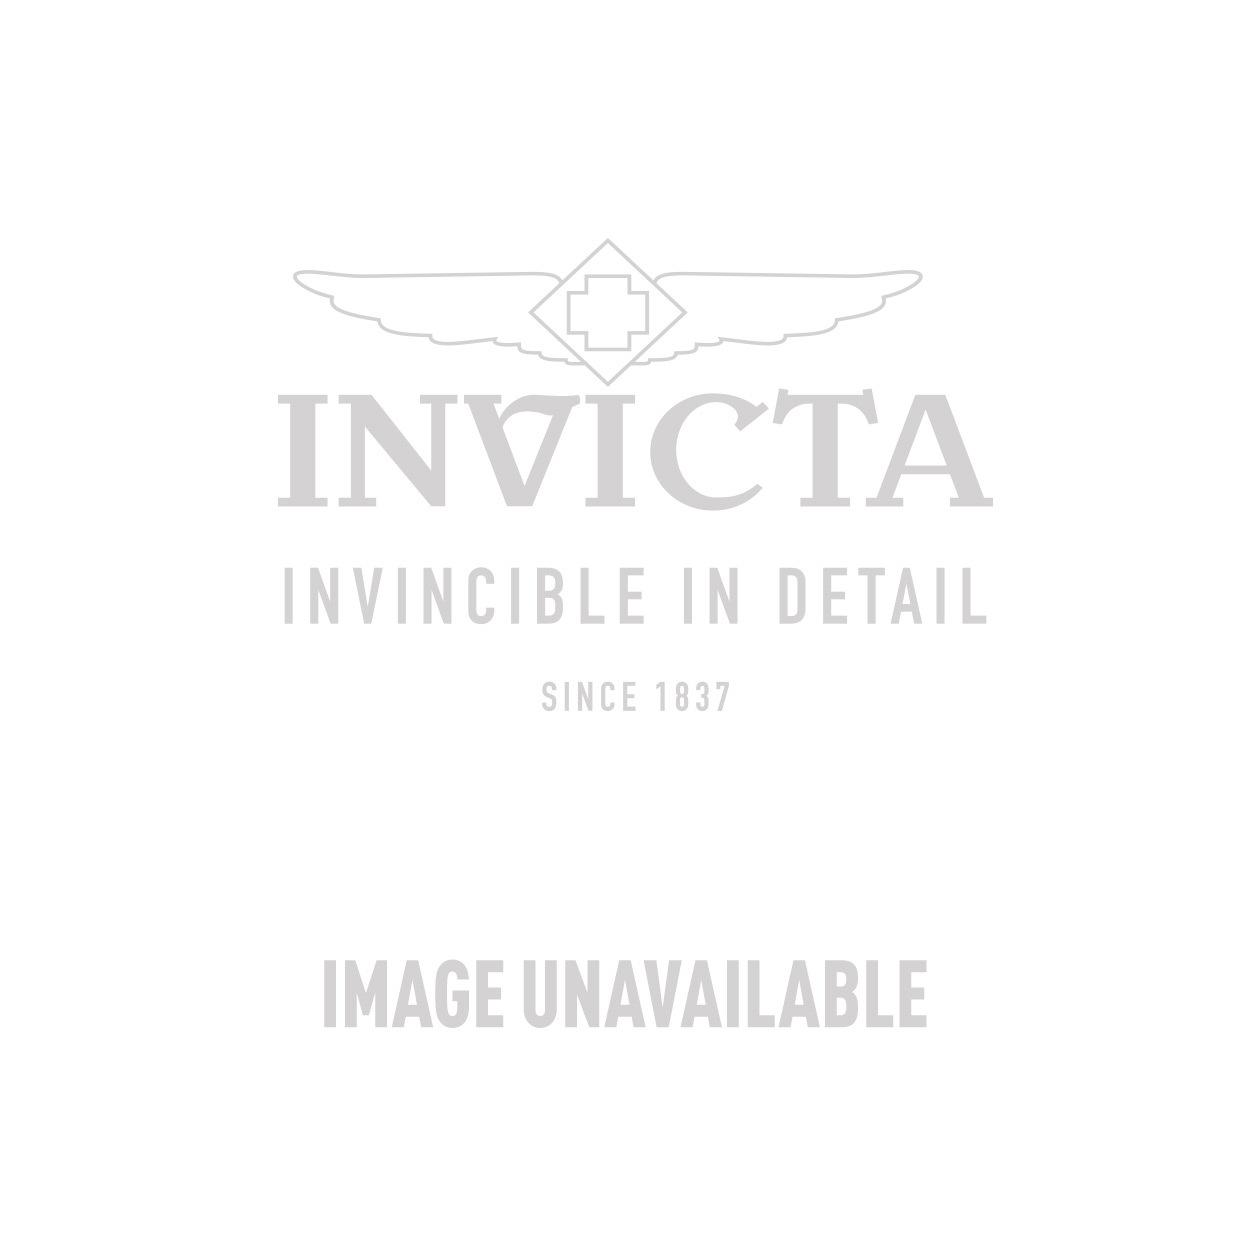 Invicta Model 25275